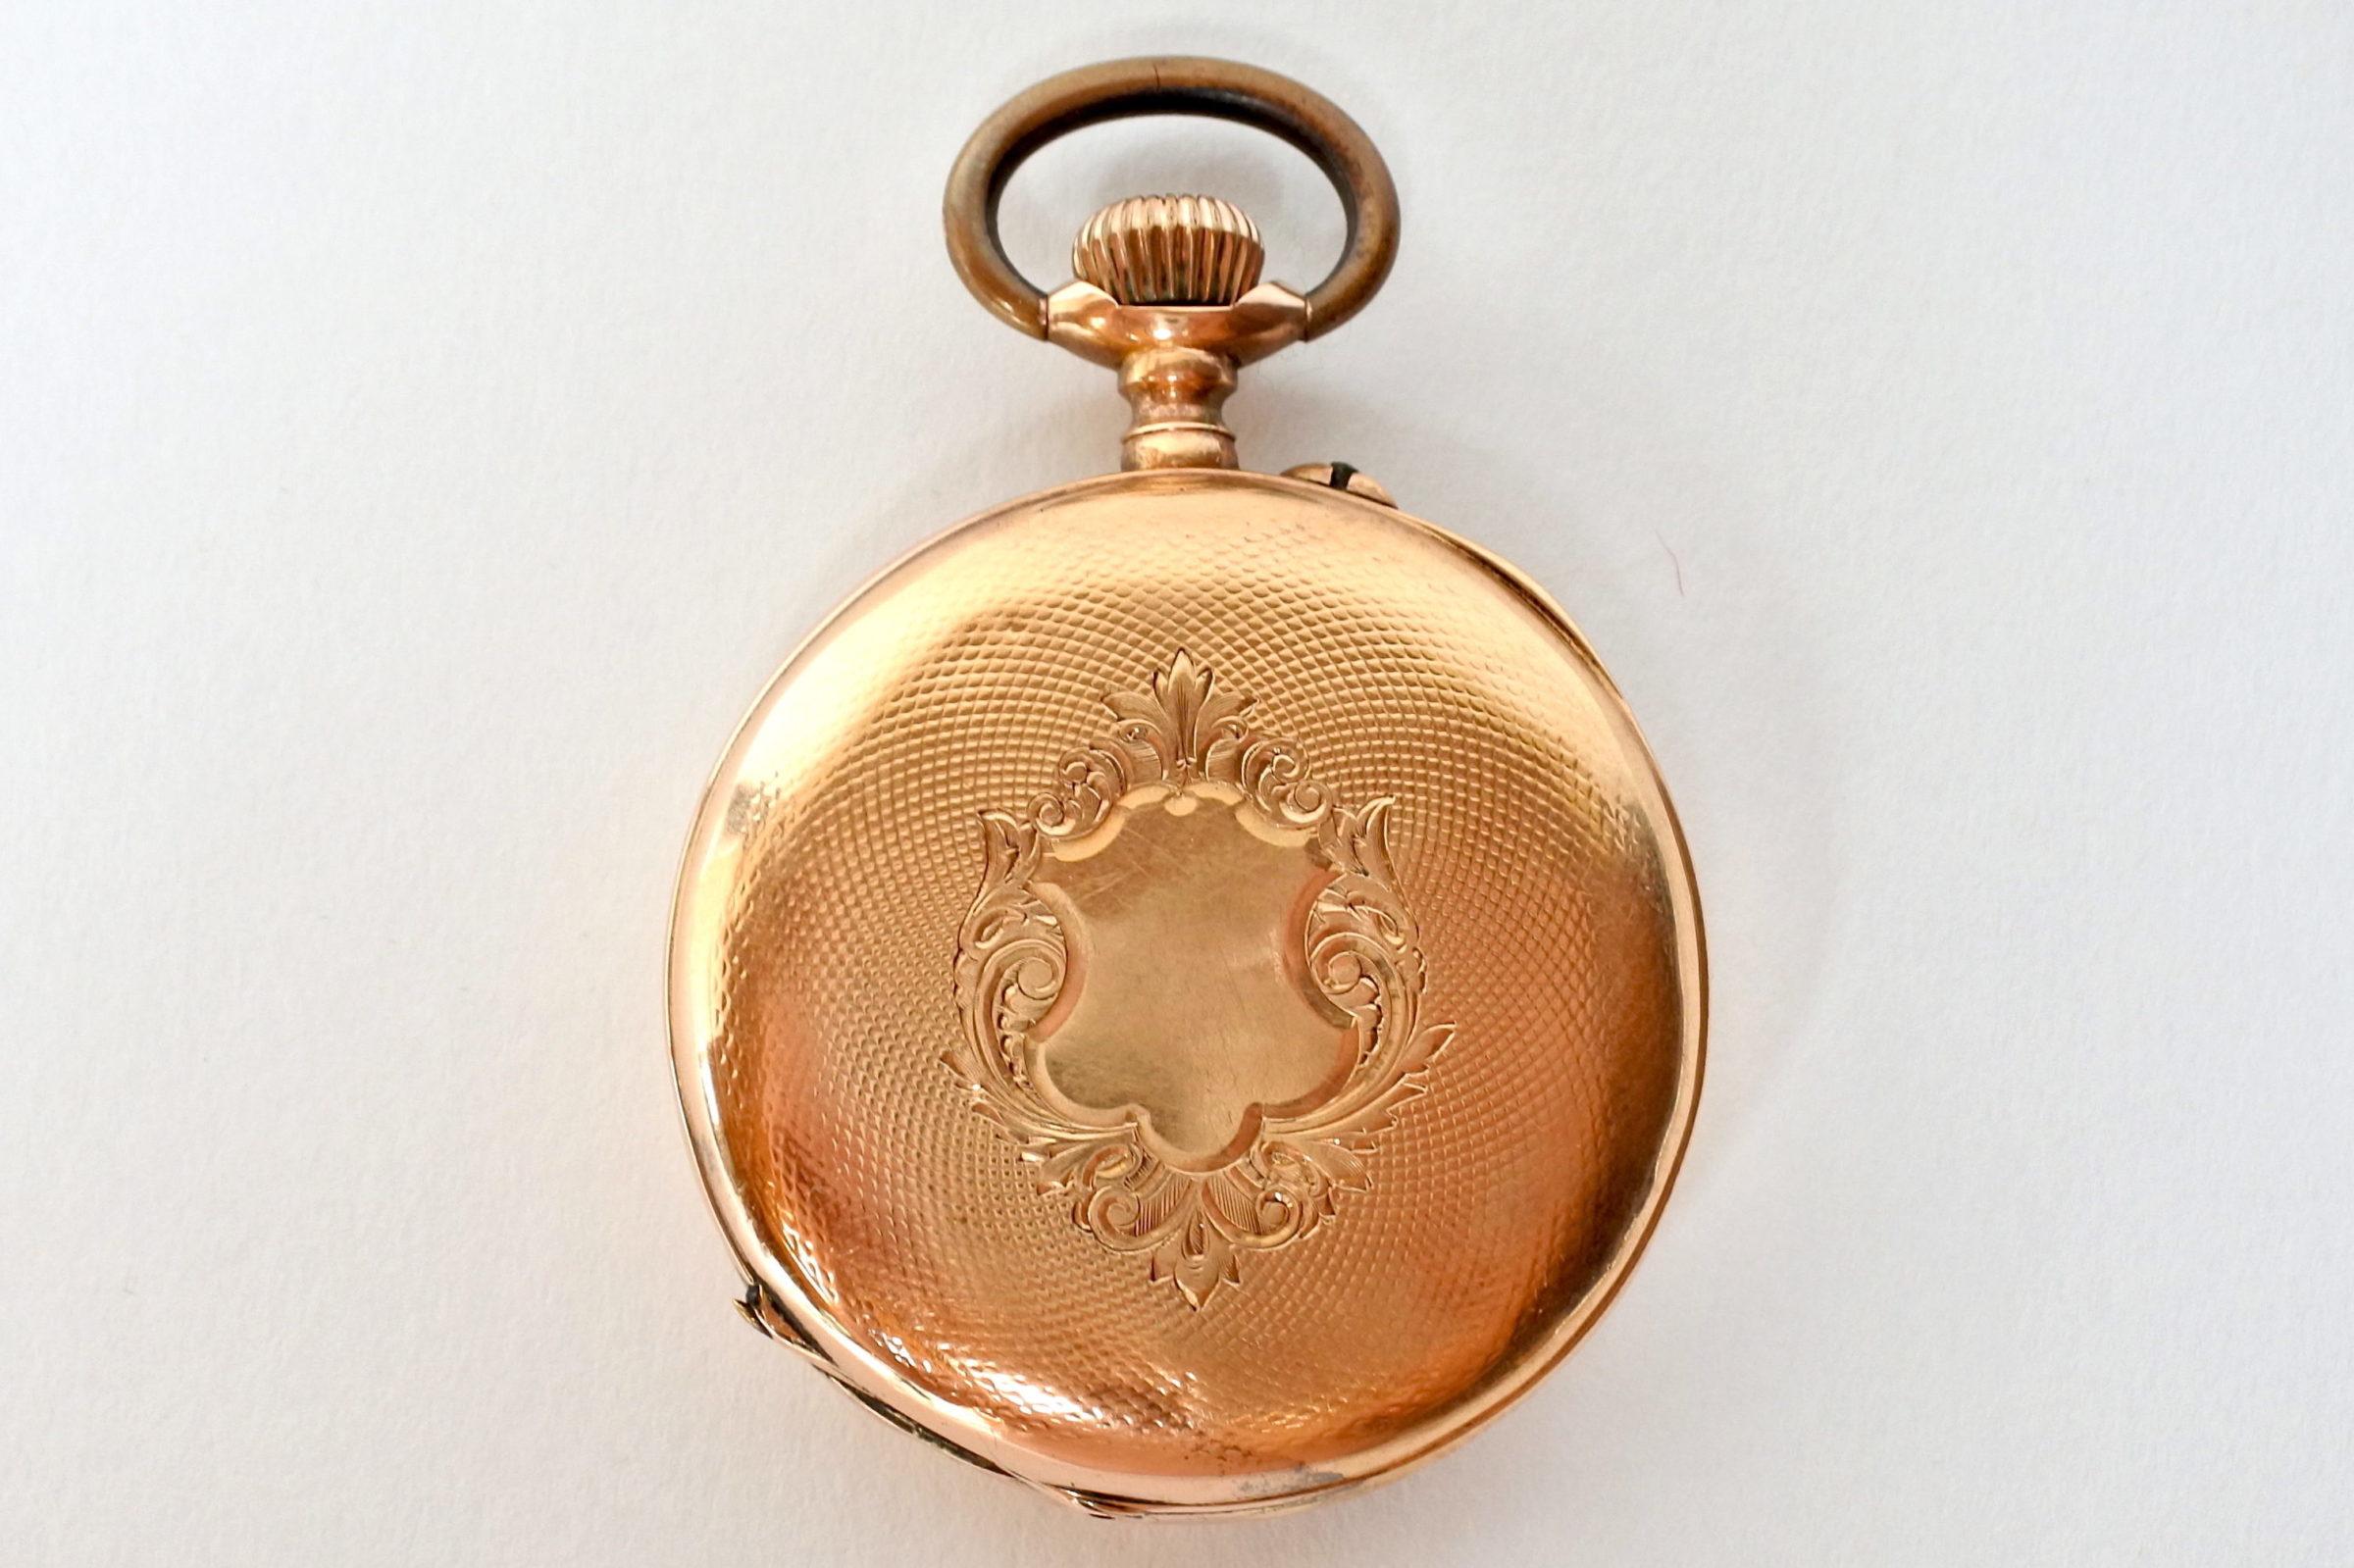 Orologio da tasca in oro 18k - 2